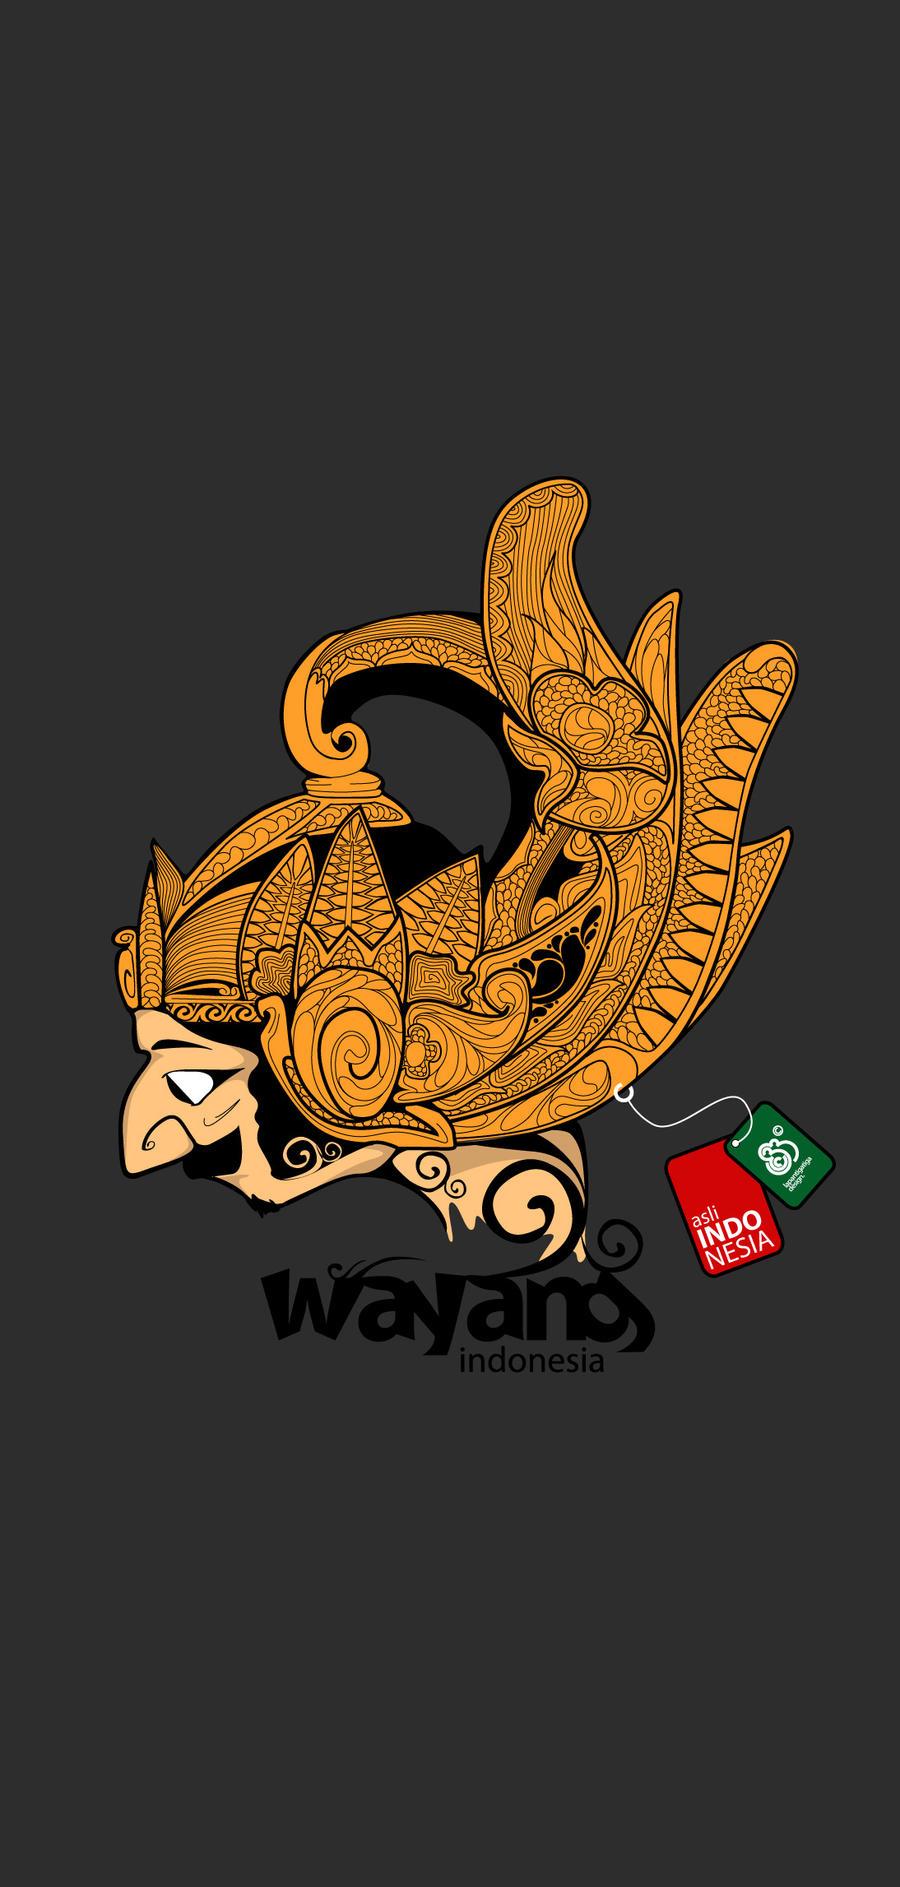 Wayang2 By Lapantigatiga On Deviantart